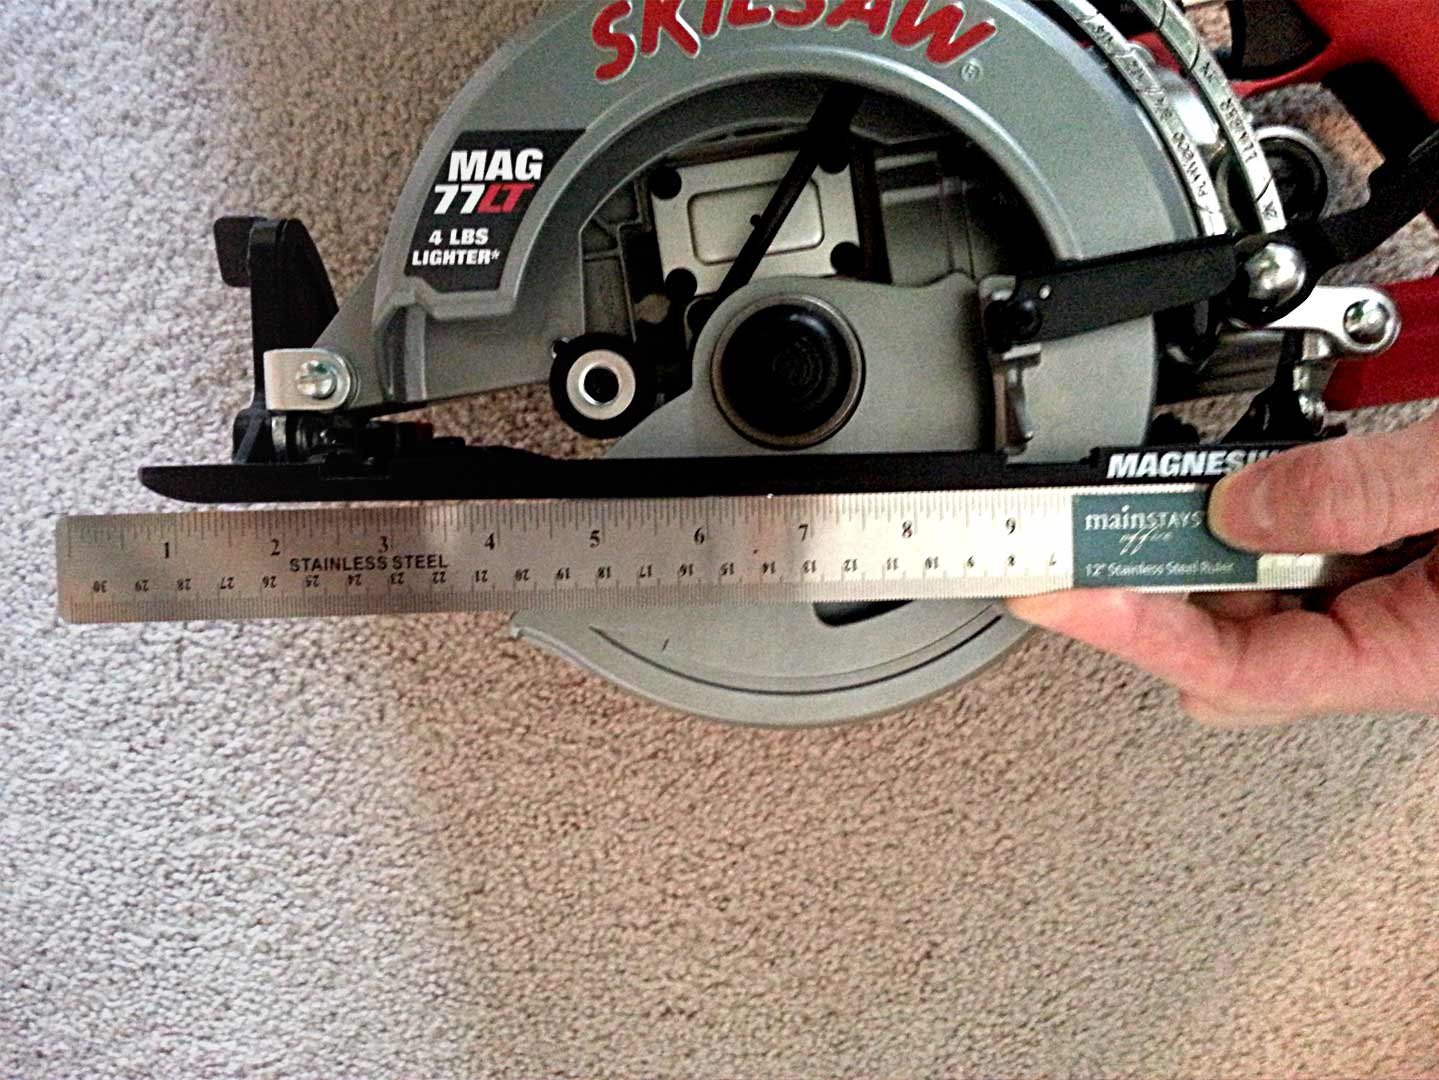 Skil Mag77 LT:  By design OR factory defect?-77lt_3.jpg